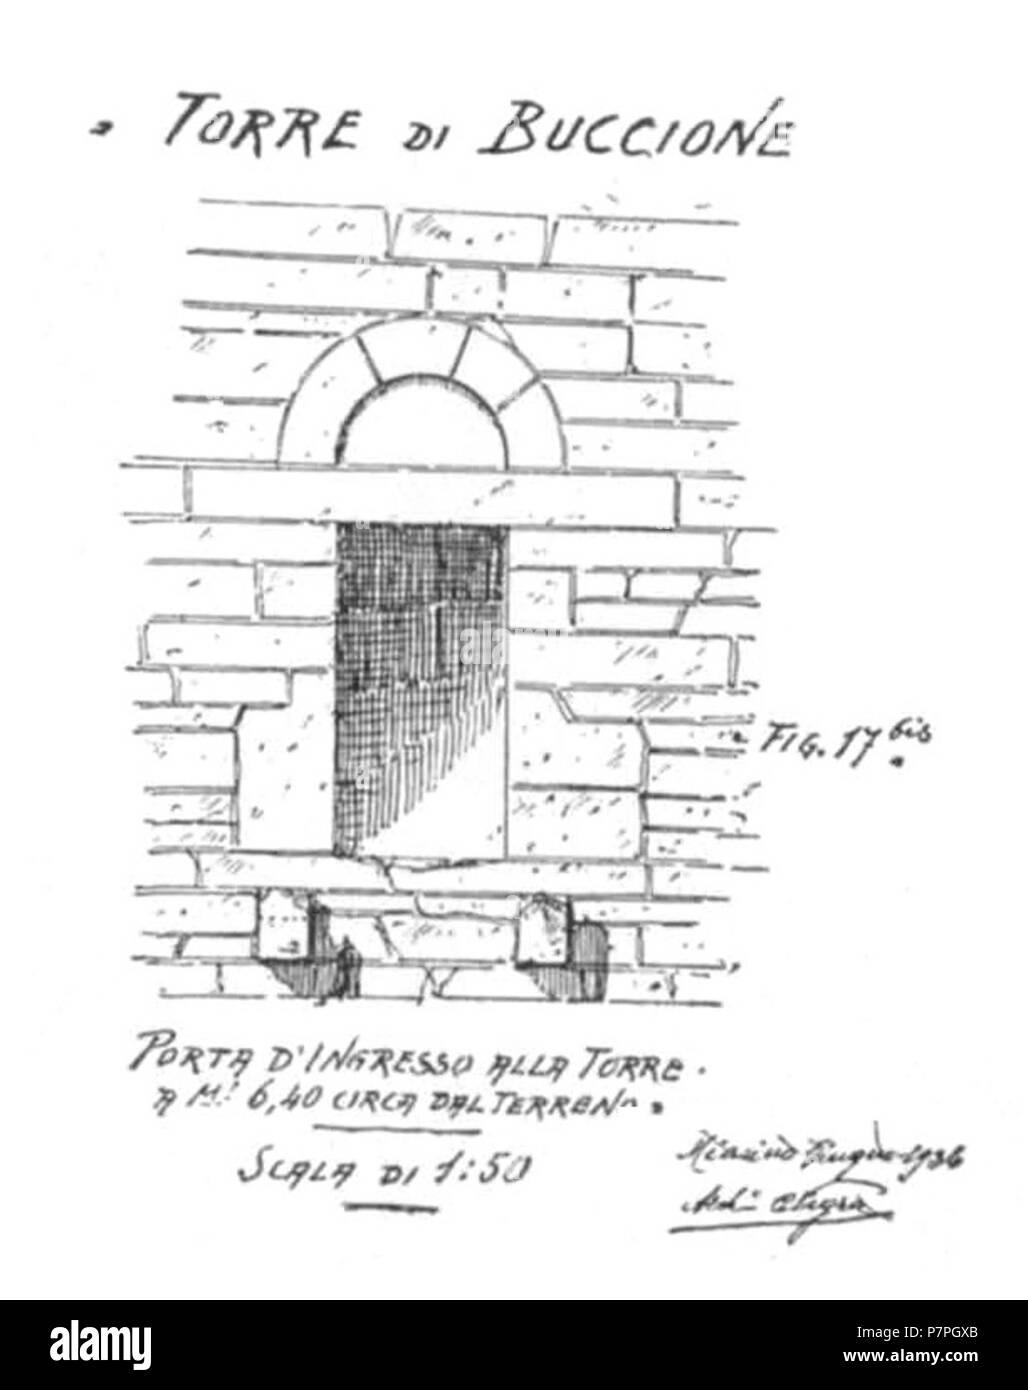 Italiano Torre Di Buccione Porta D Ingresso Vor 1937 159 Abb 17